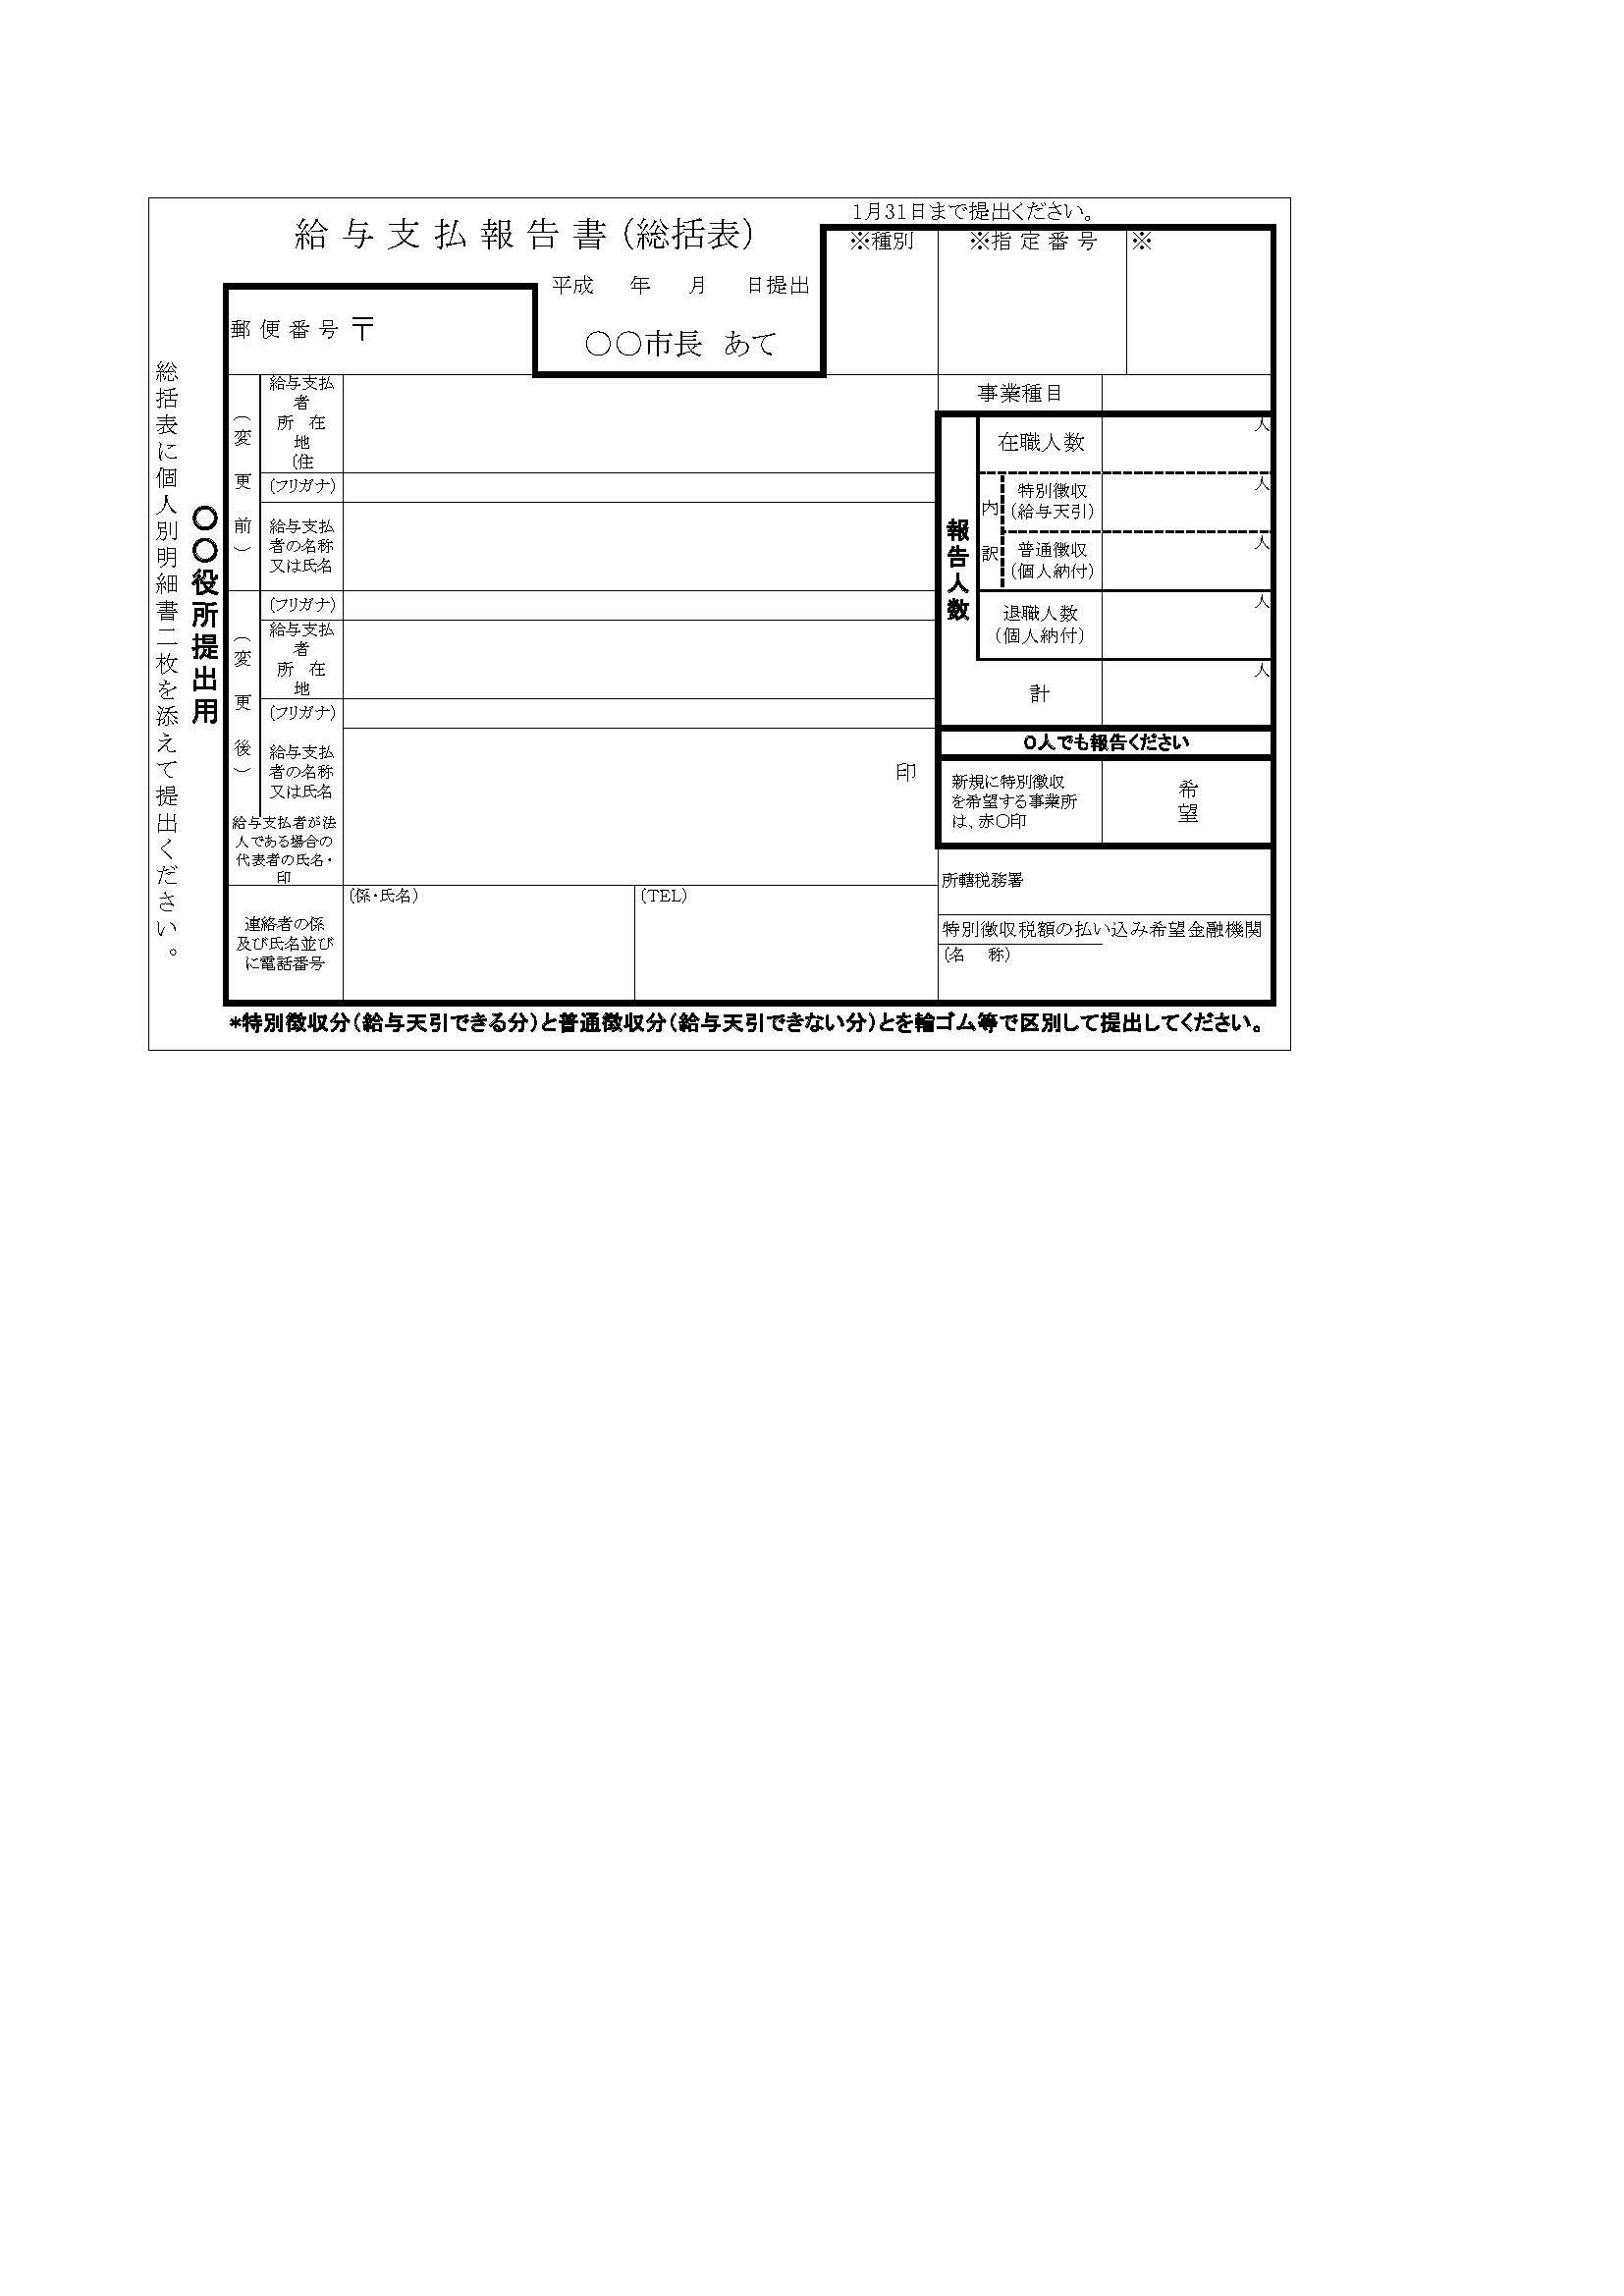 給与支払報告書